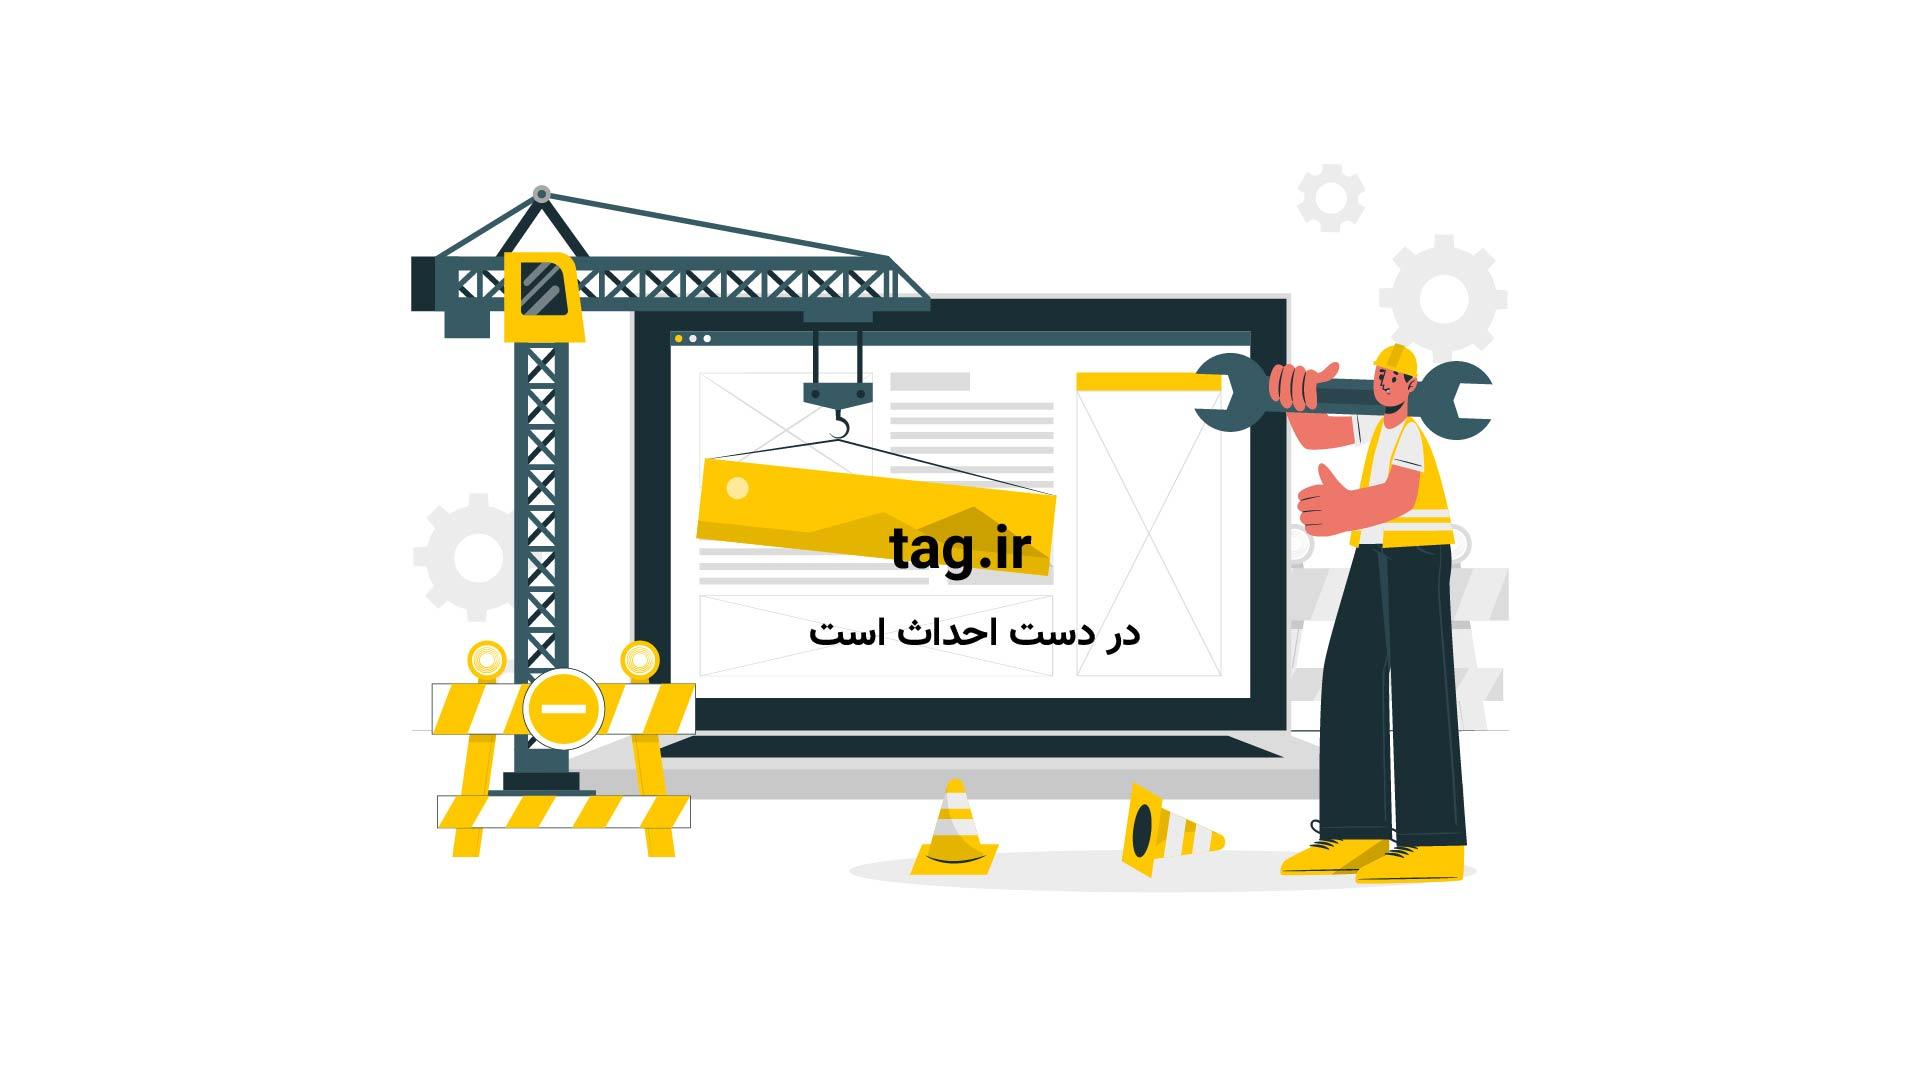 جشن سده از جشن های مهم زرتشتیان از نمای آسمان یزد | فیلم